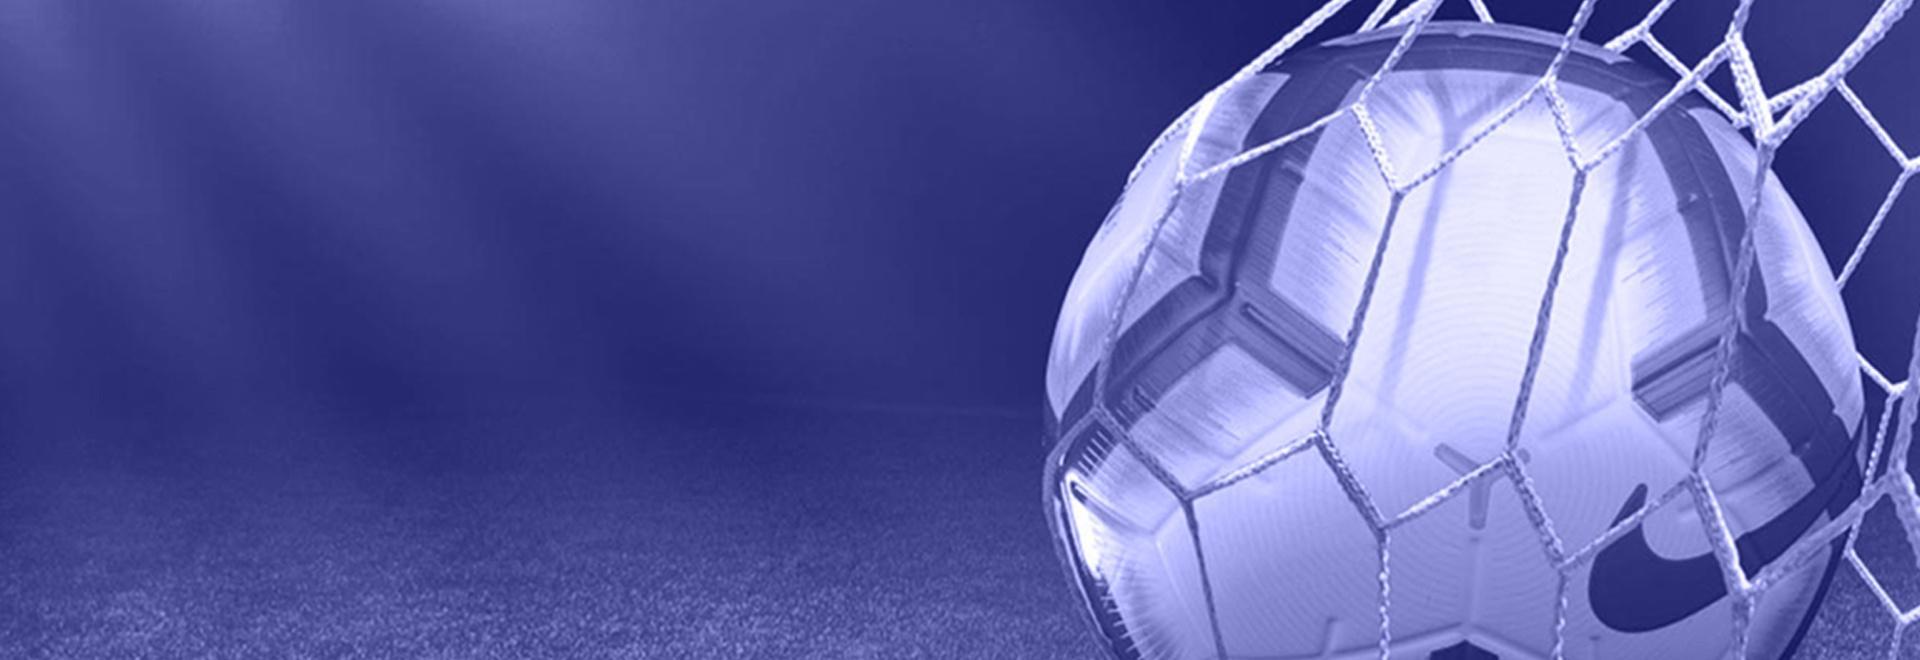 Inter - Lazio 25/09/19